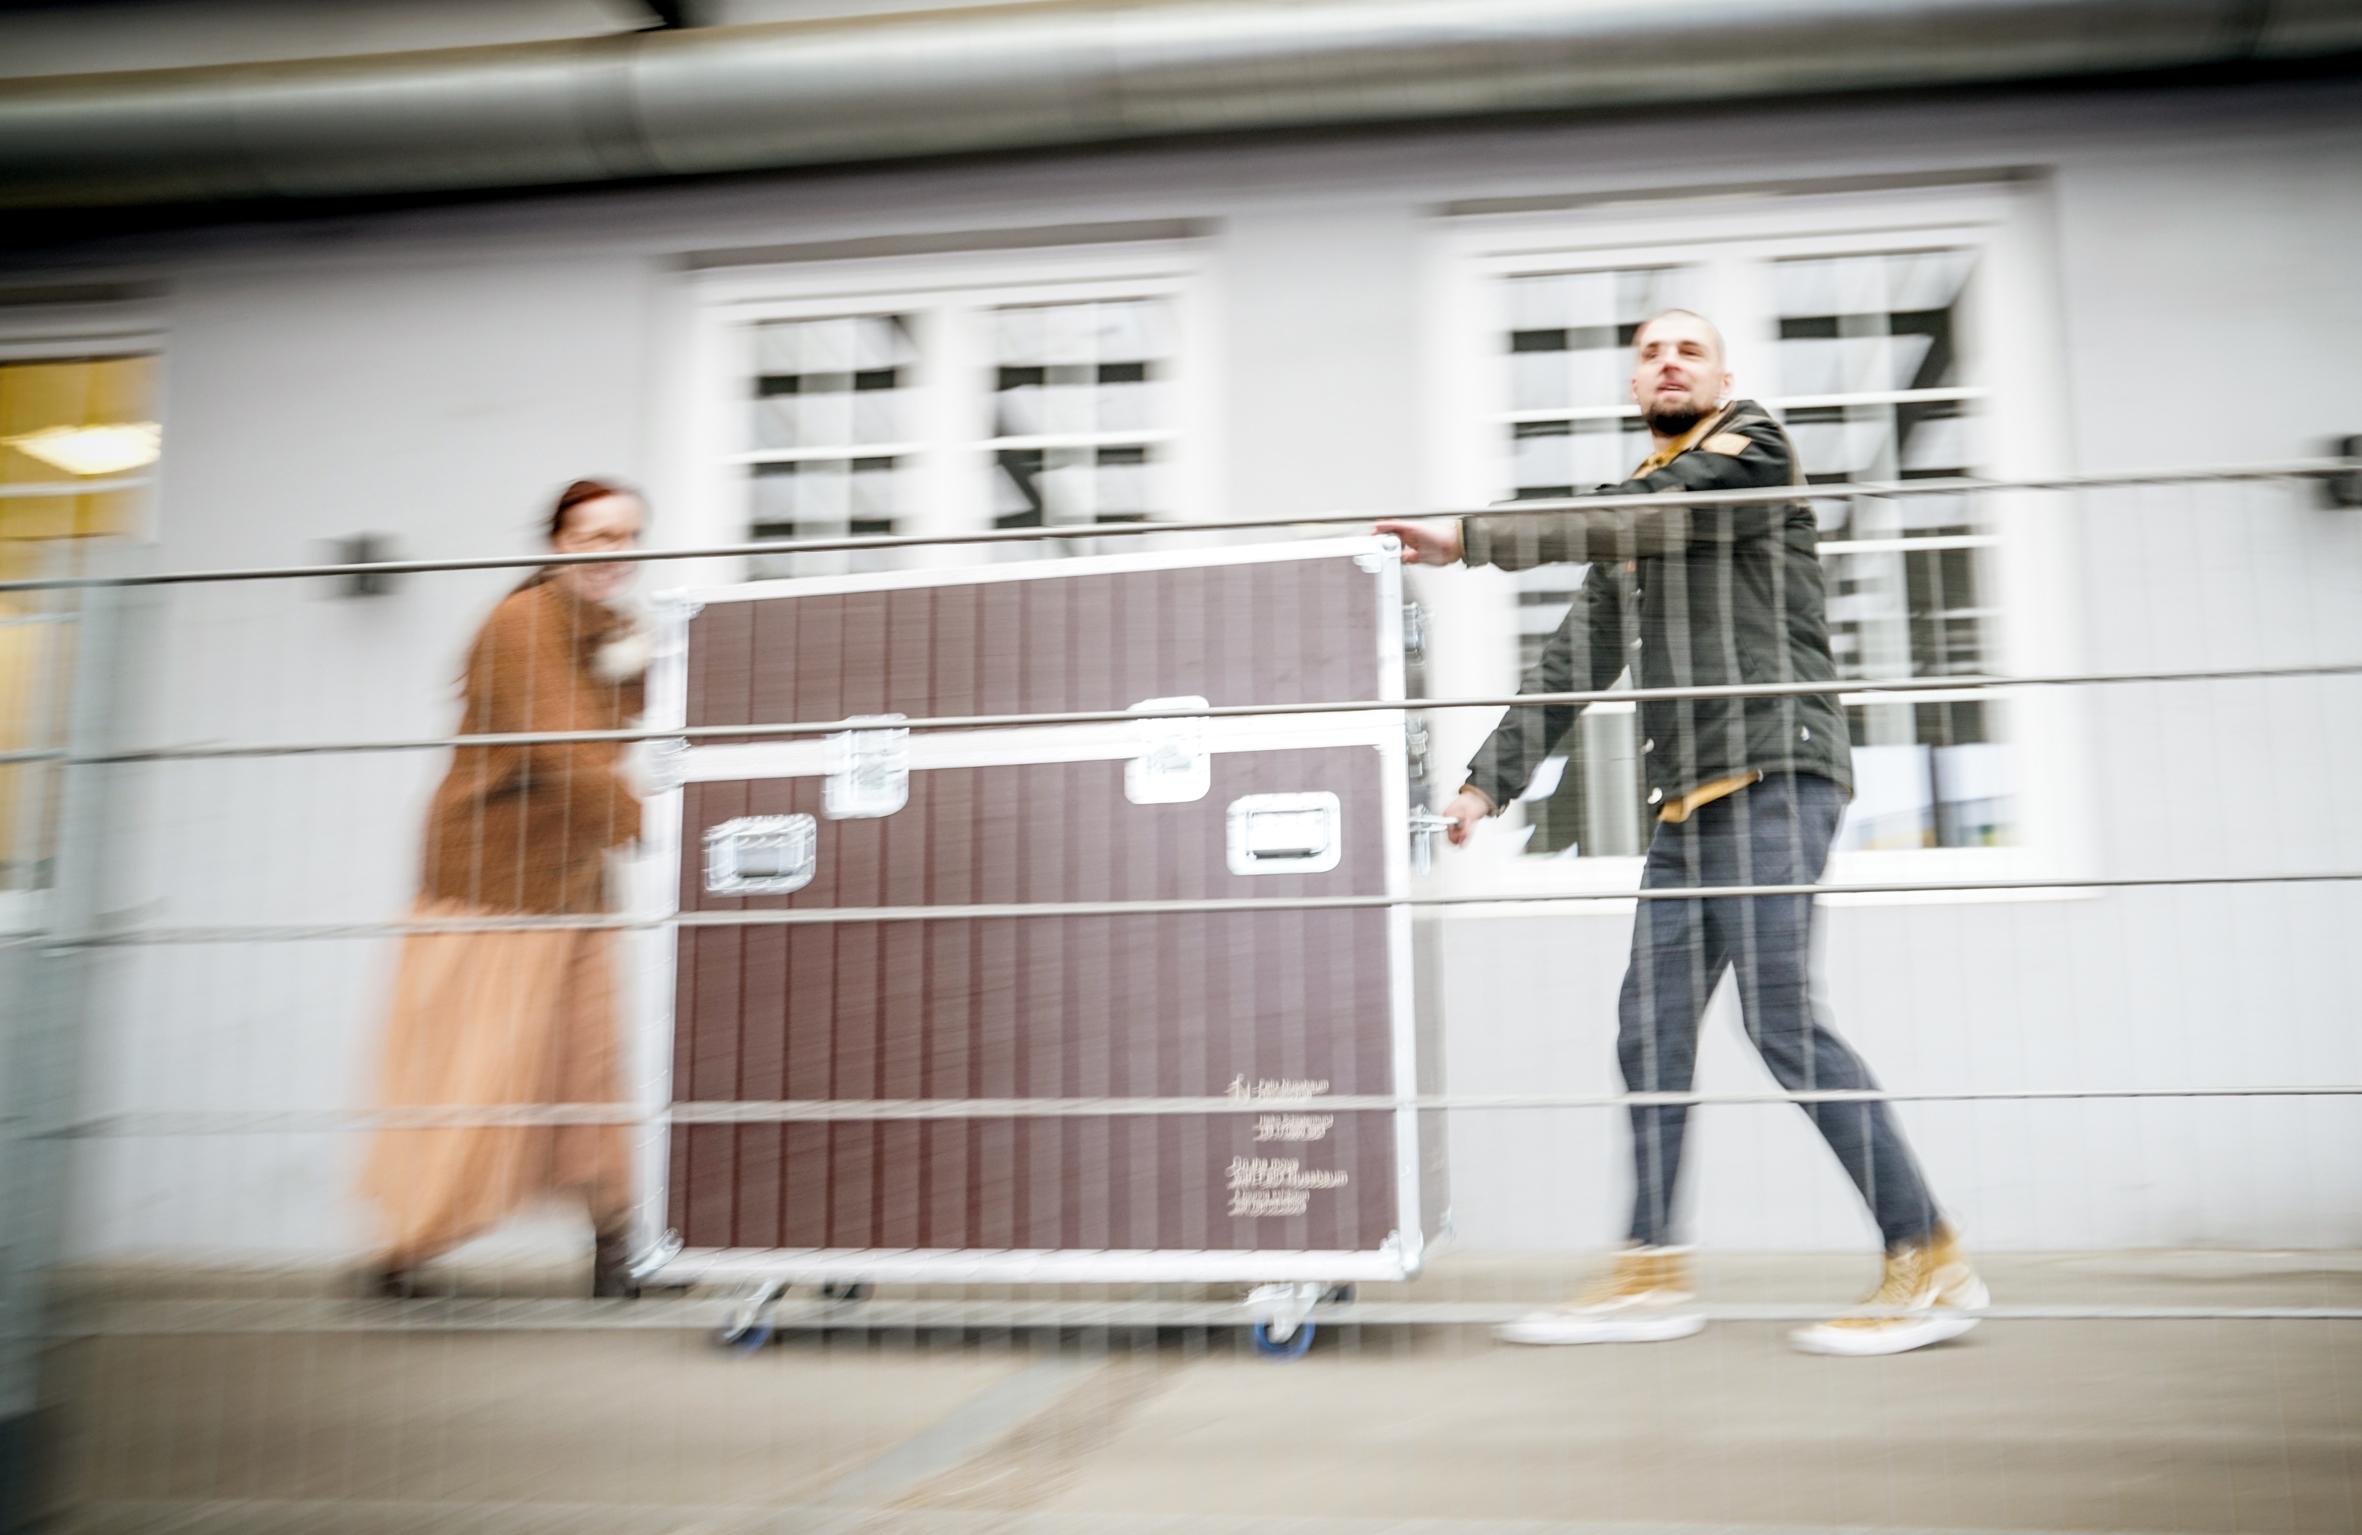 Agentur sec gibt Flightcases an Hellmann für den Transport ab